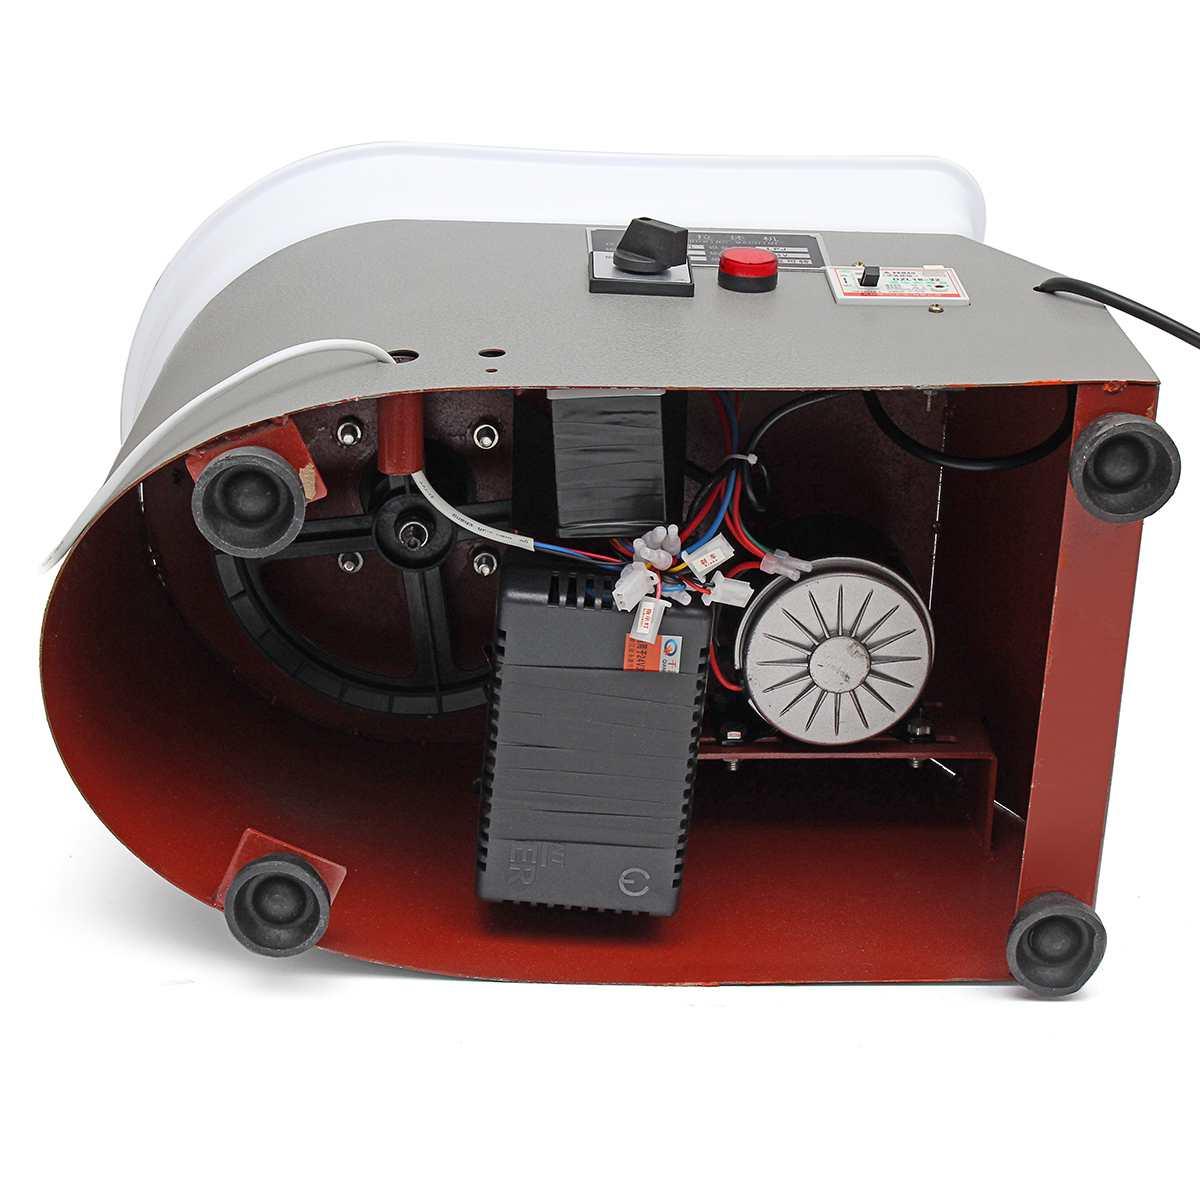 Poterie formant la Machine 220 V 350 W roue de poterie électrique argile pour travaux pratiques outil avec plateau pédale de pied Flexible pour céramique travail céramique - 5